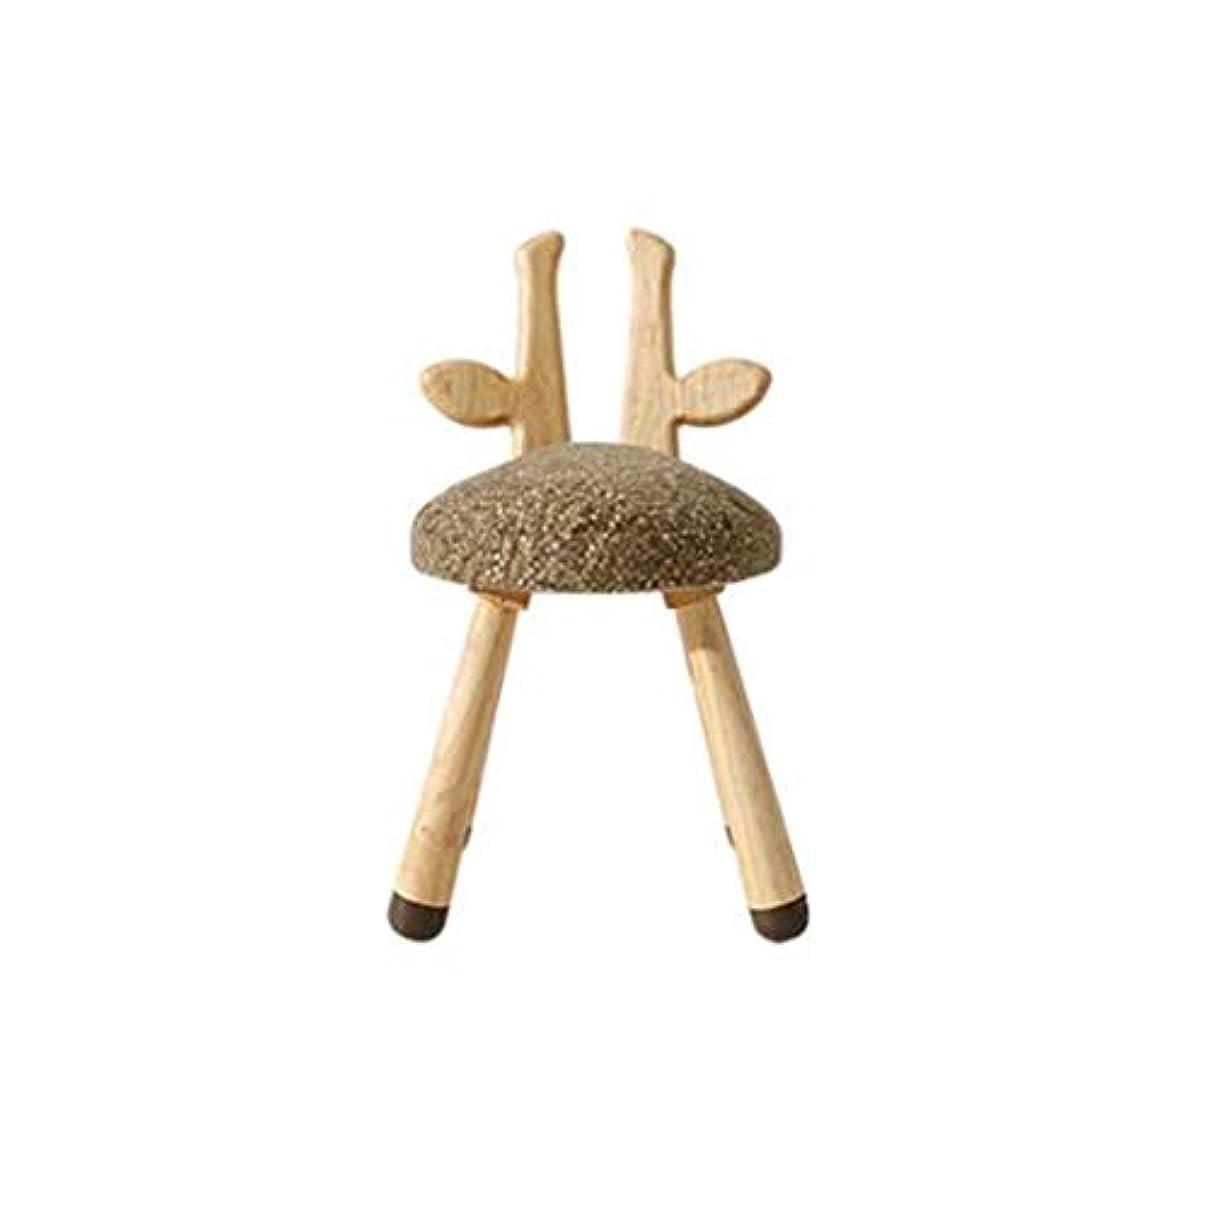 ハンサム読書をする効果的GWM スツールチェアスモールシート - ソリッドウッド子供スツールソフトバッグ漫画スモールベンチAnimal Chair